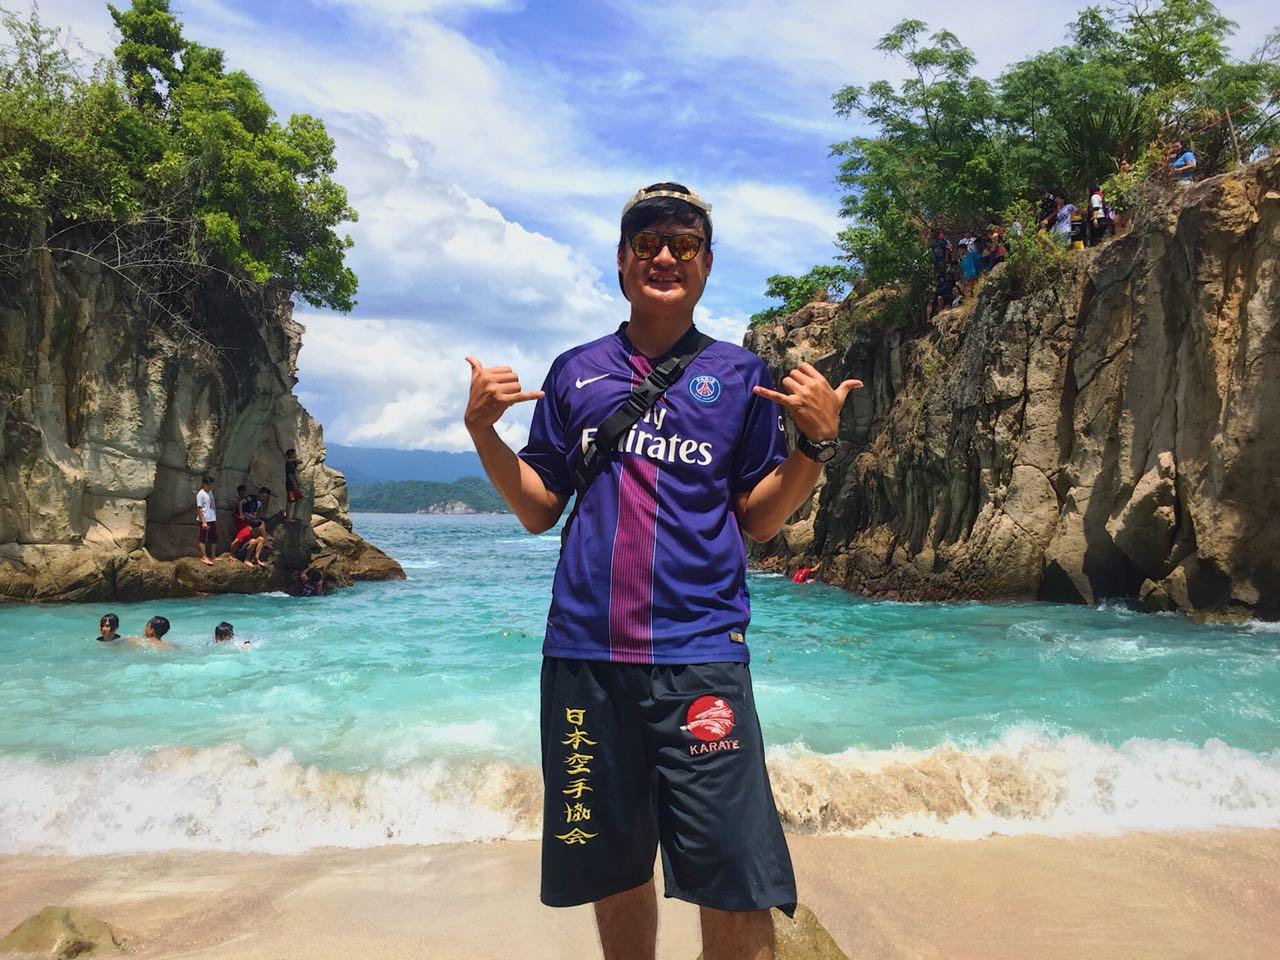 Wisata Ke Pulau Lak / Mamats